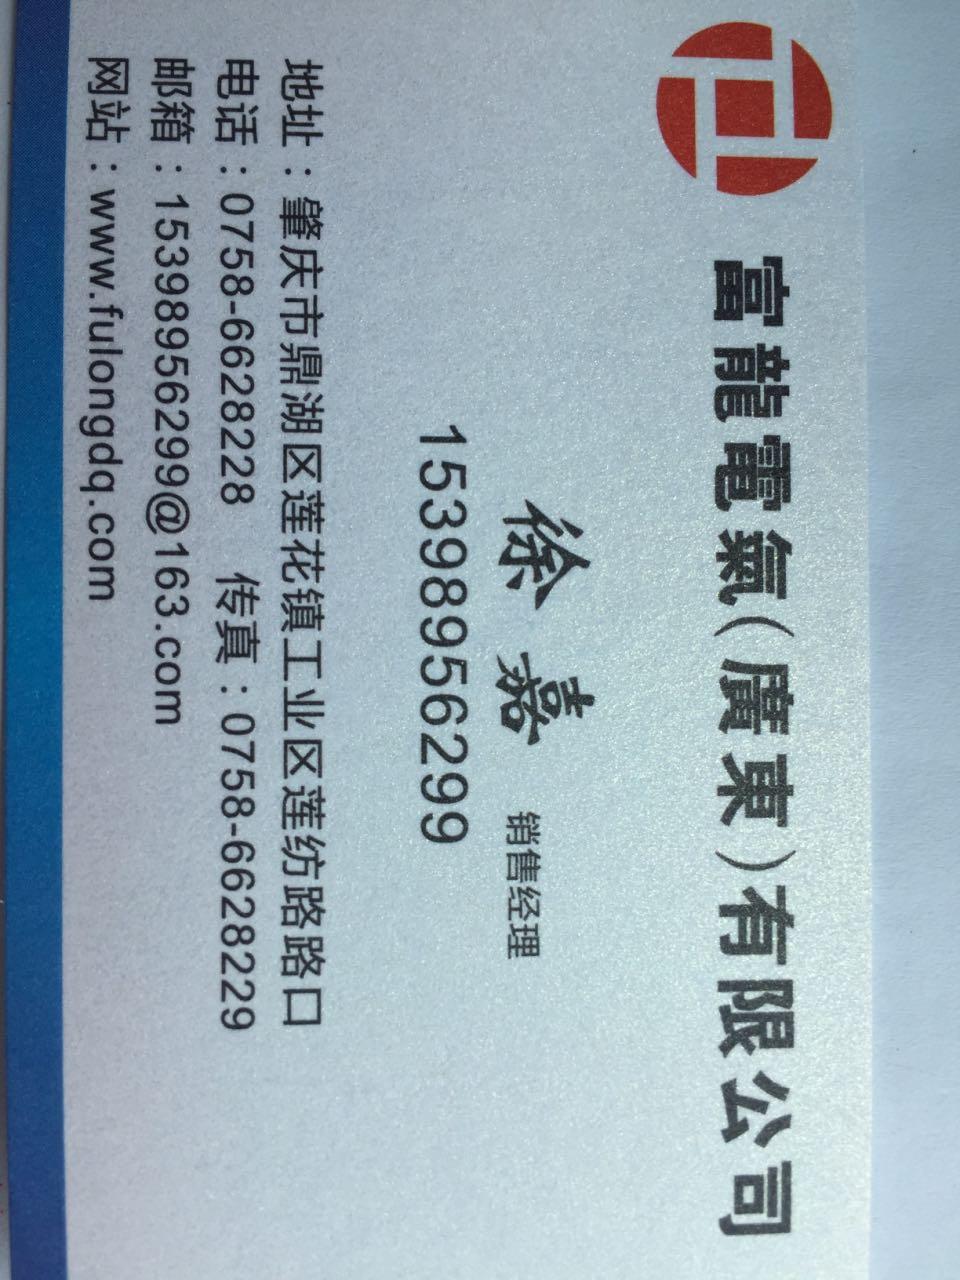 来自徐嘉发布的供应信息:密集型母线槽,空气型母线槽,照明母线槽,... - 广东宏际线管实业有限公司